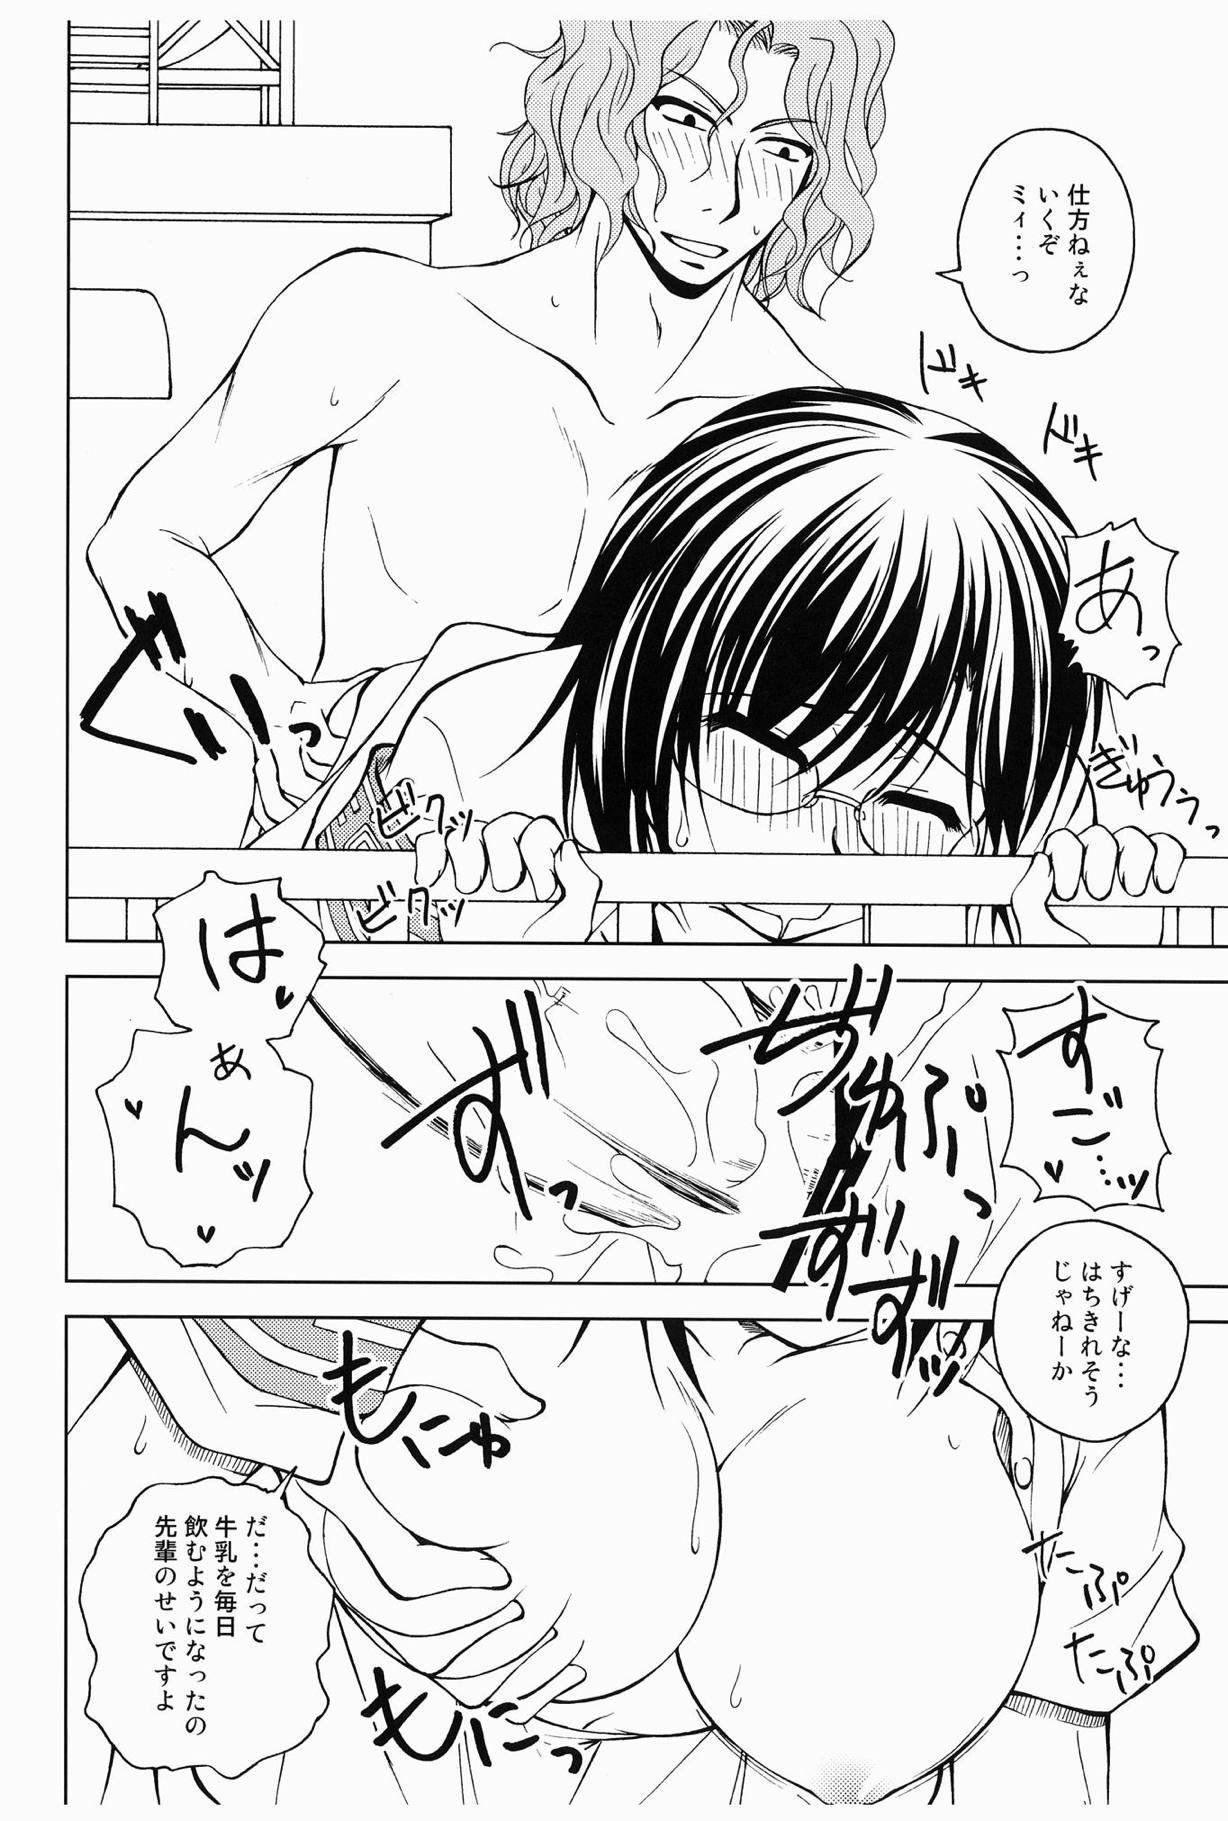 Touma to Misaka to Railgun 32